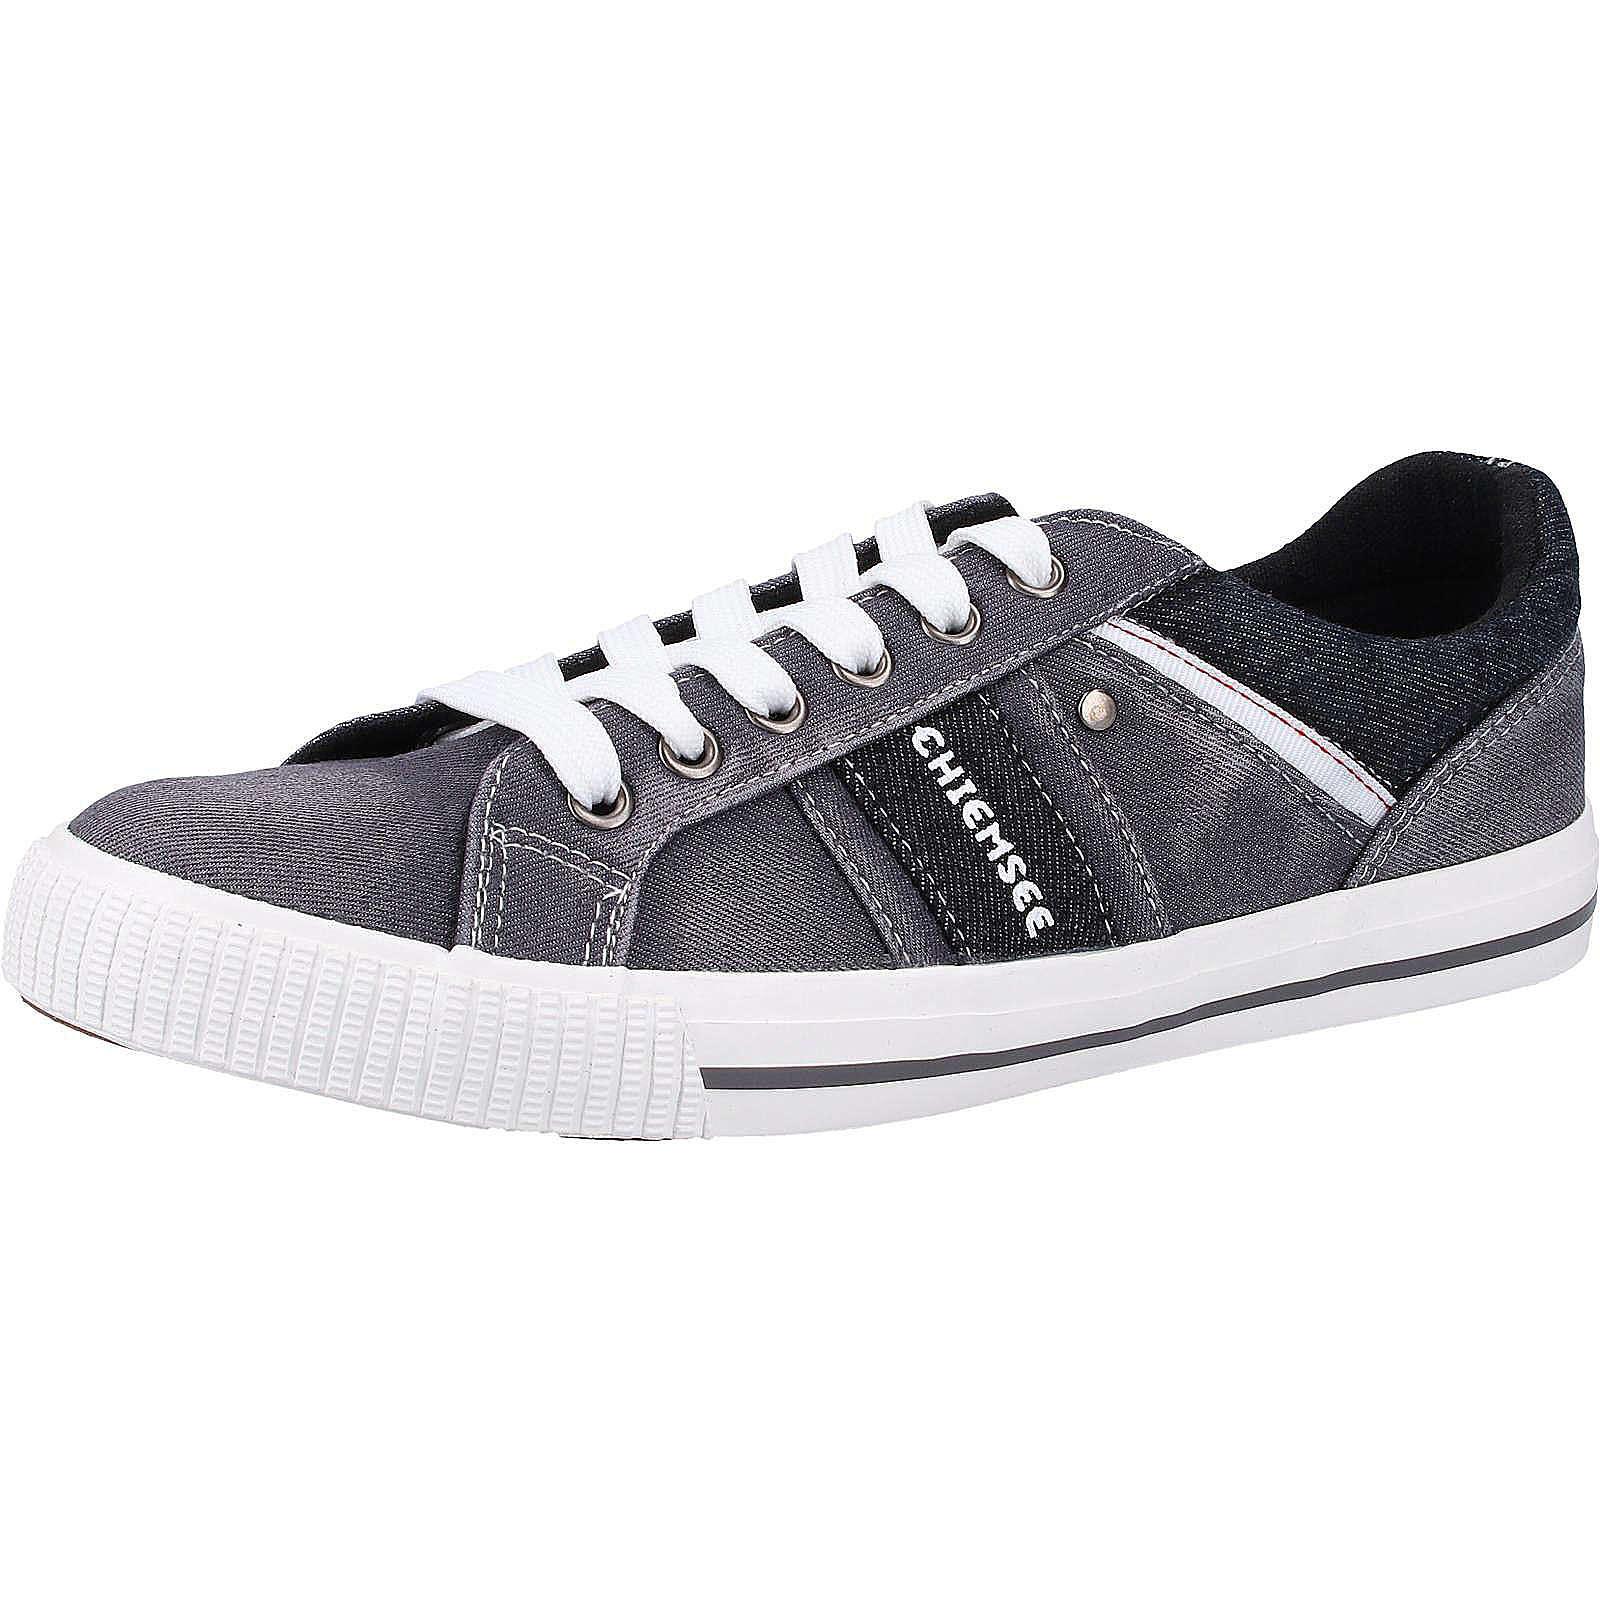 CHIEMSEE Sneaker Sneakers Low grau-kombi Herren Gr. 41